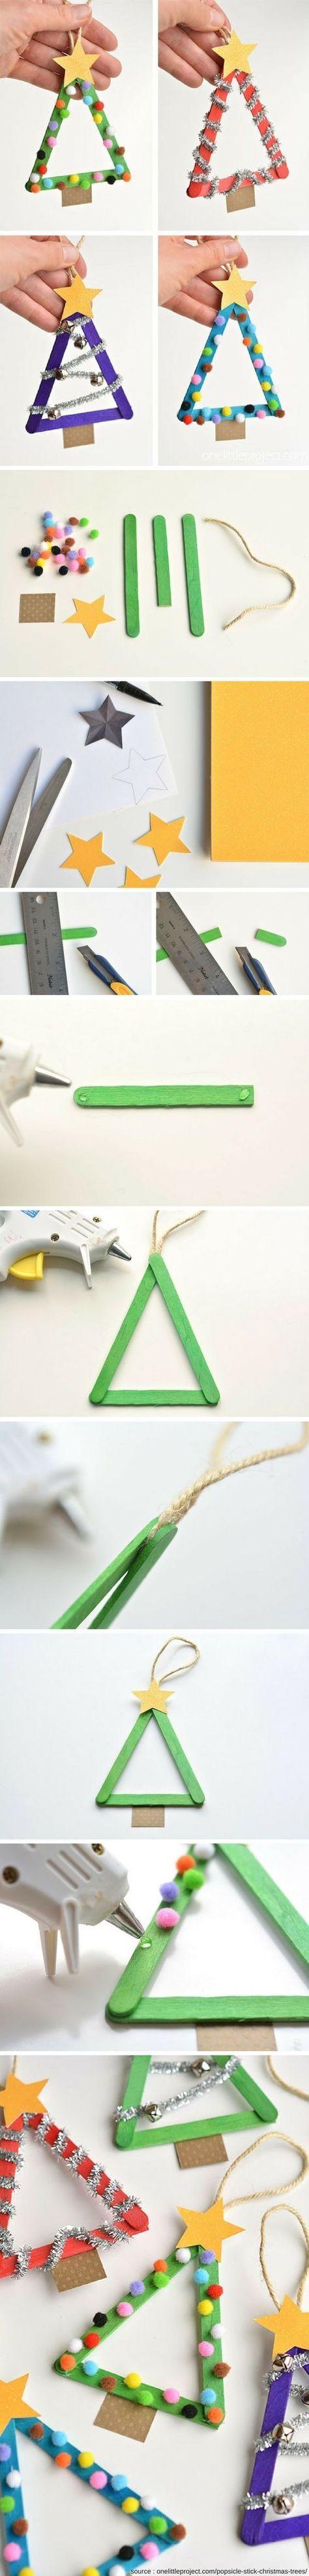 TUTO pour fabriquer ces petits sapins de Noël à suspendre en utilisant des bâtonnets de glace !